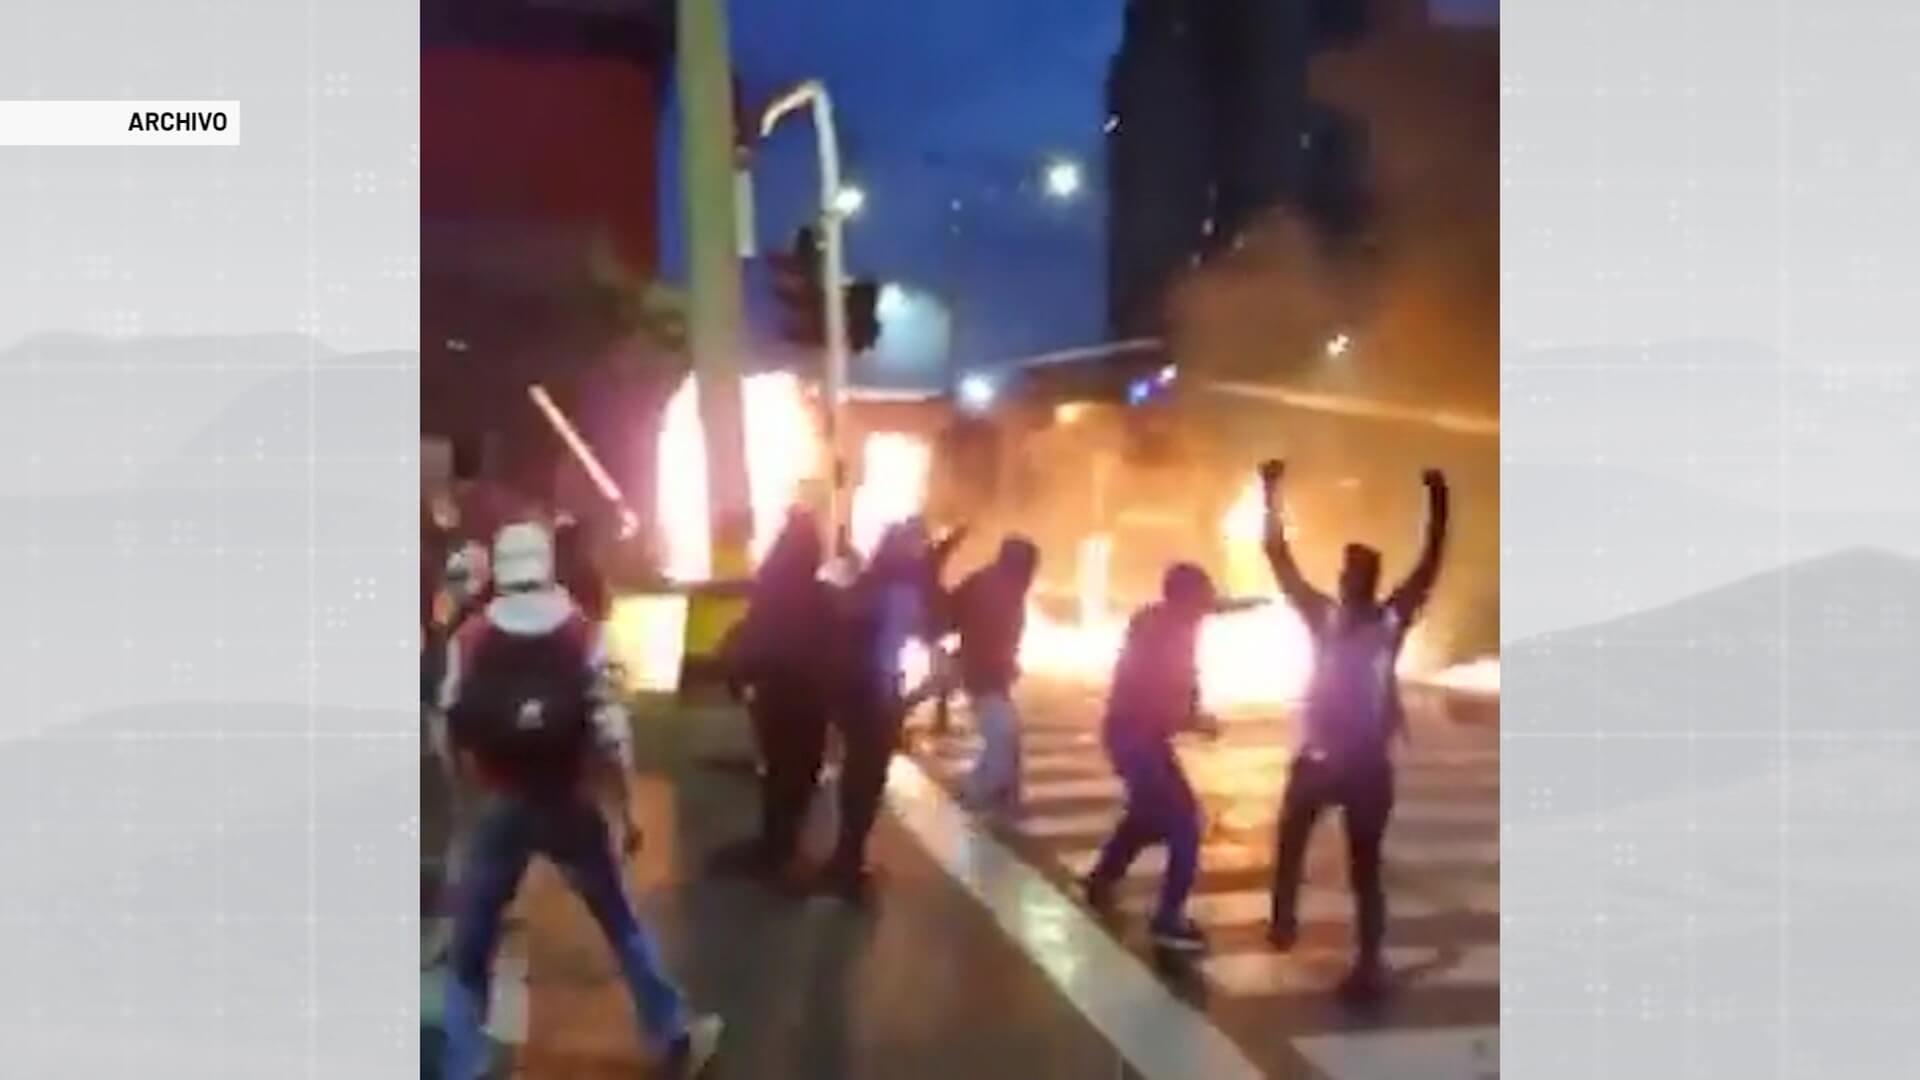 Gobierno prepara proyecto antidisturbios y antivandalismo